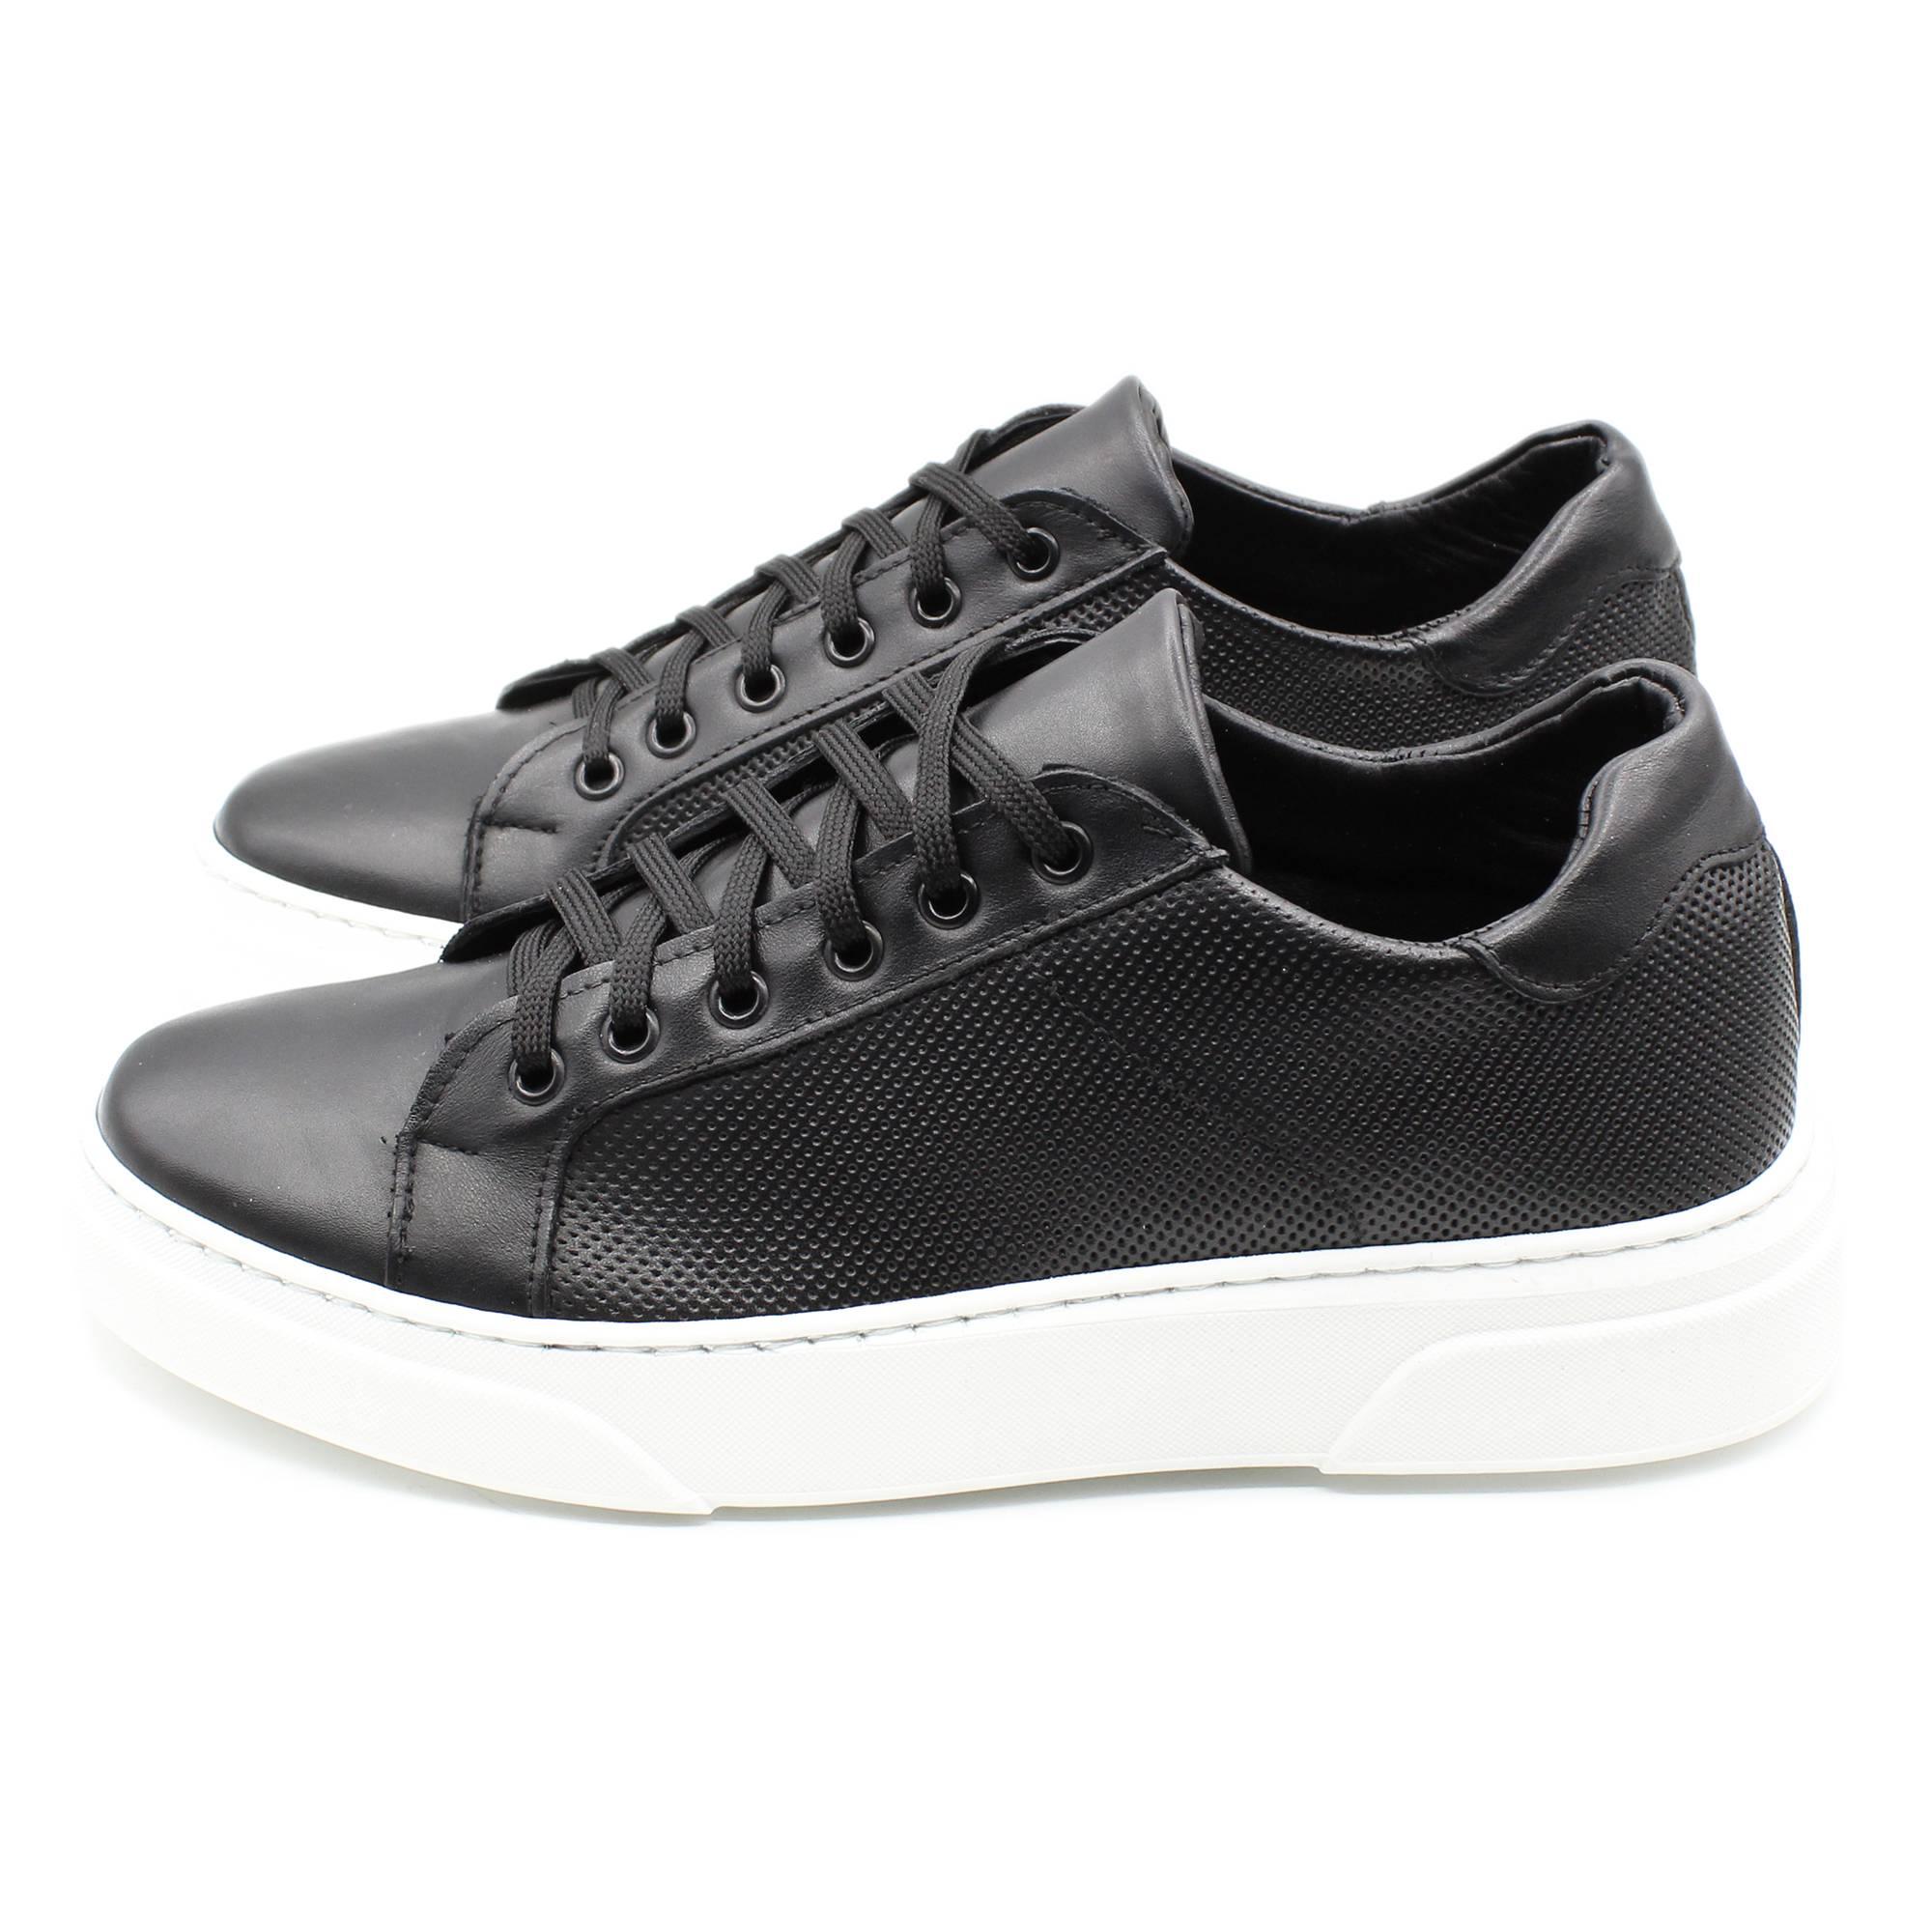 miniatura 9 - Sneakers-Uomo-in-Pelle-Basse-Nere-Blu-Scarpe-da-Ginnastica-Sportive-Eleganti